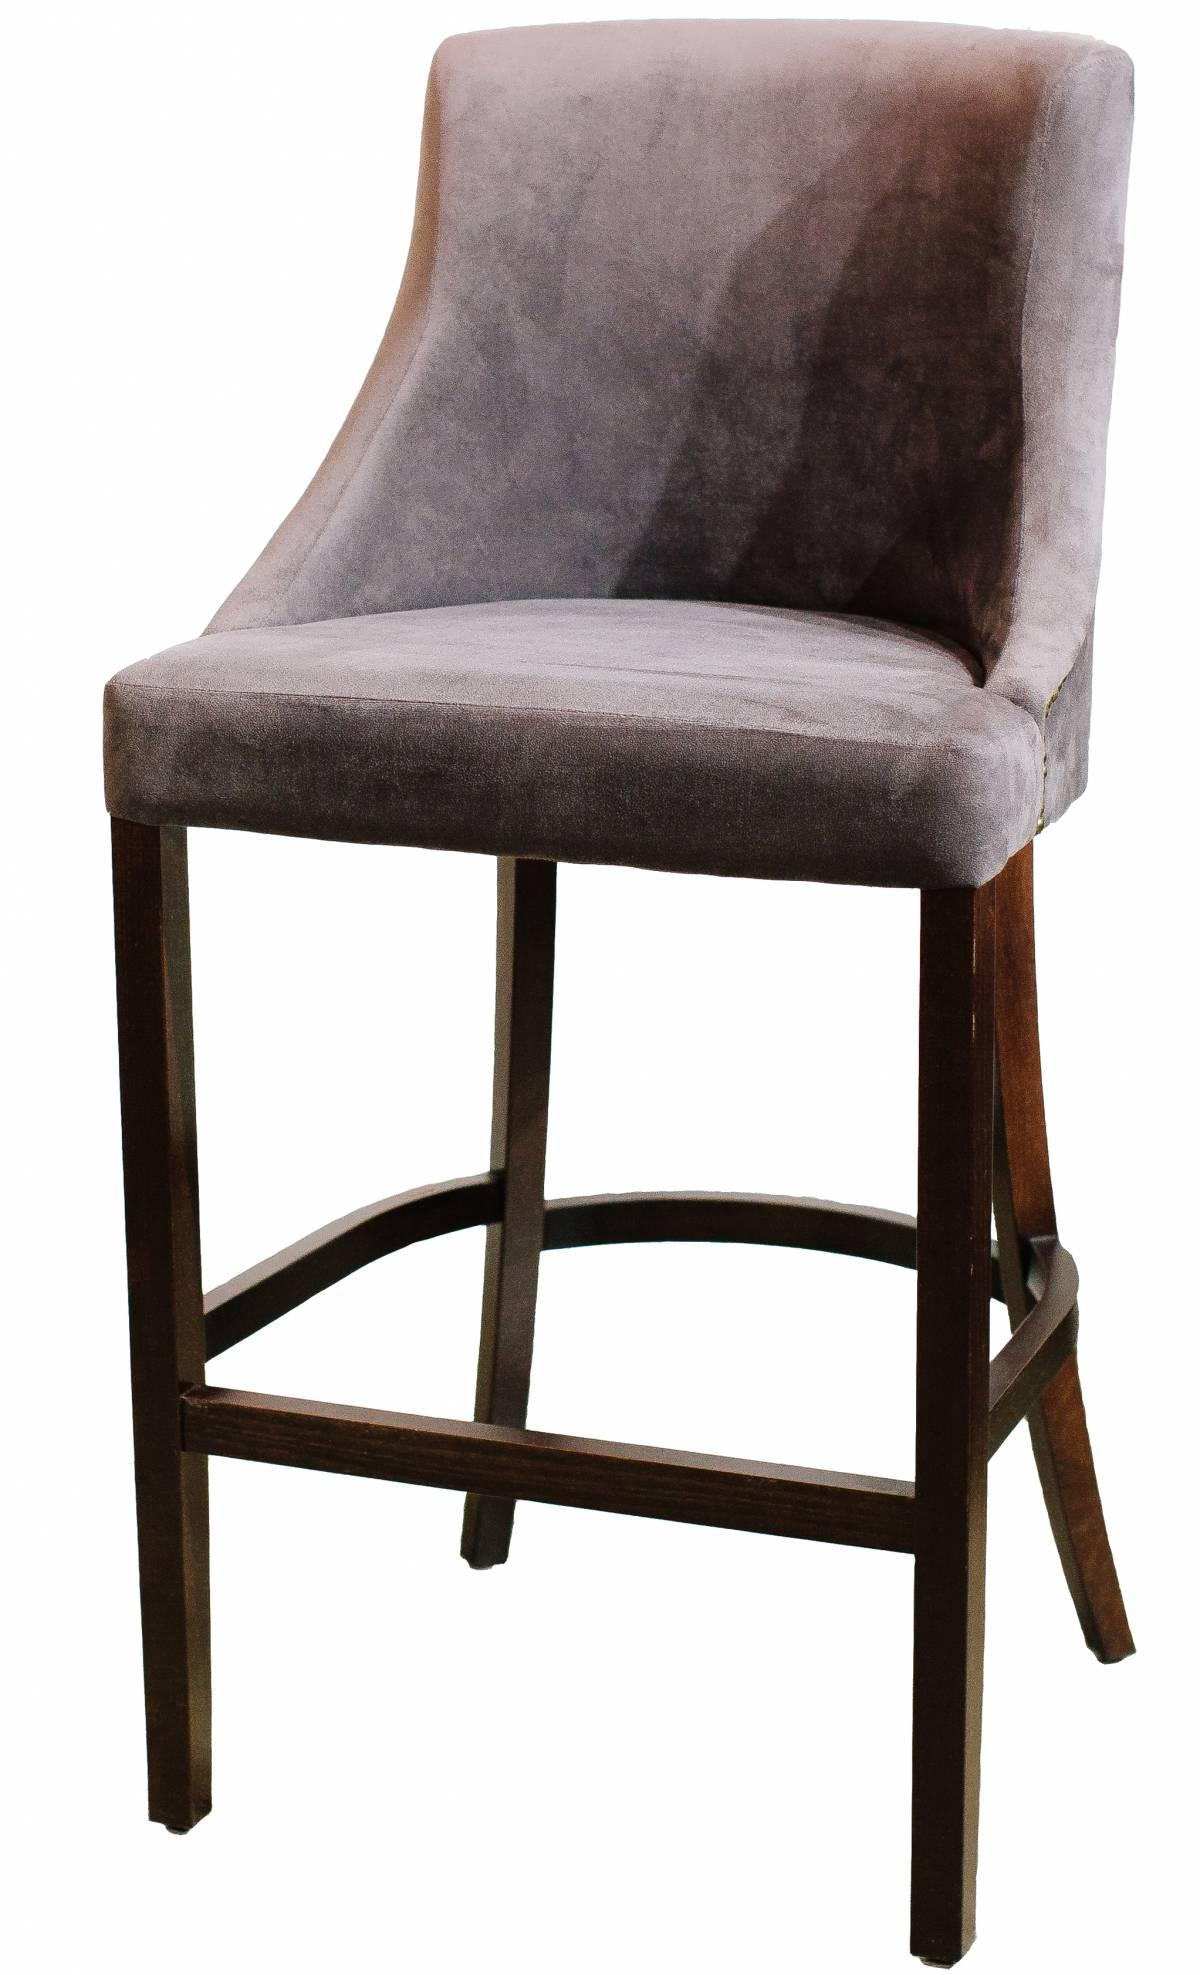 Купить барный деревянный стул GL591B в Raroom